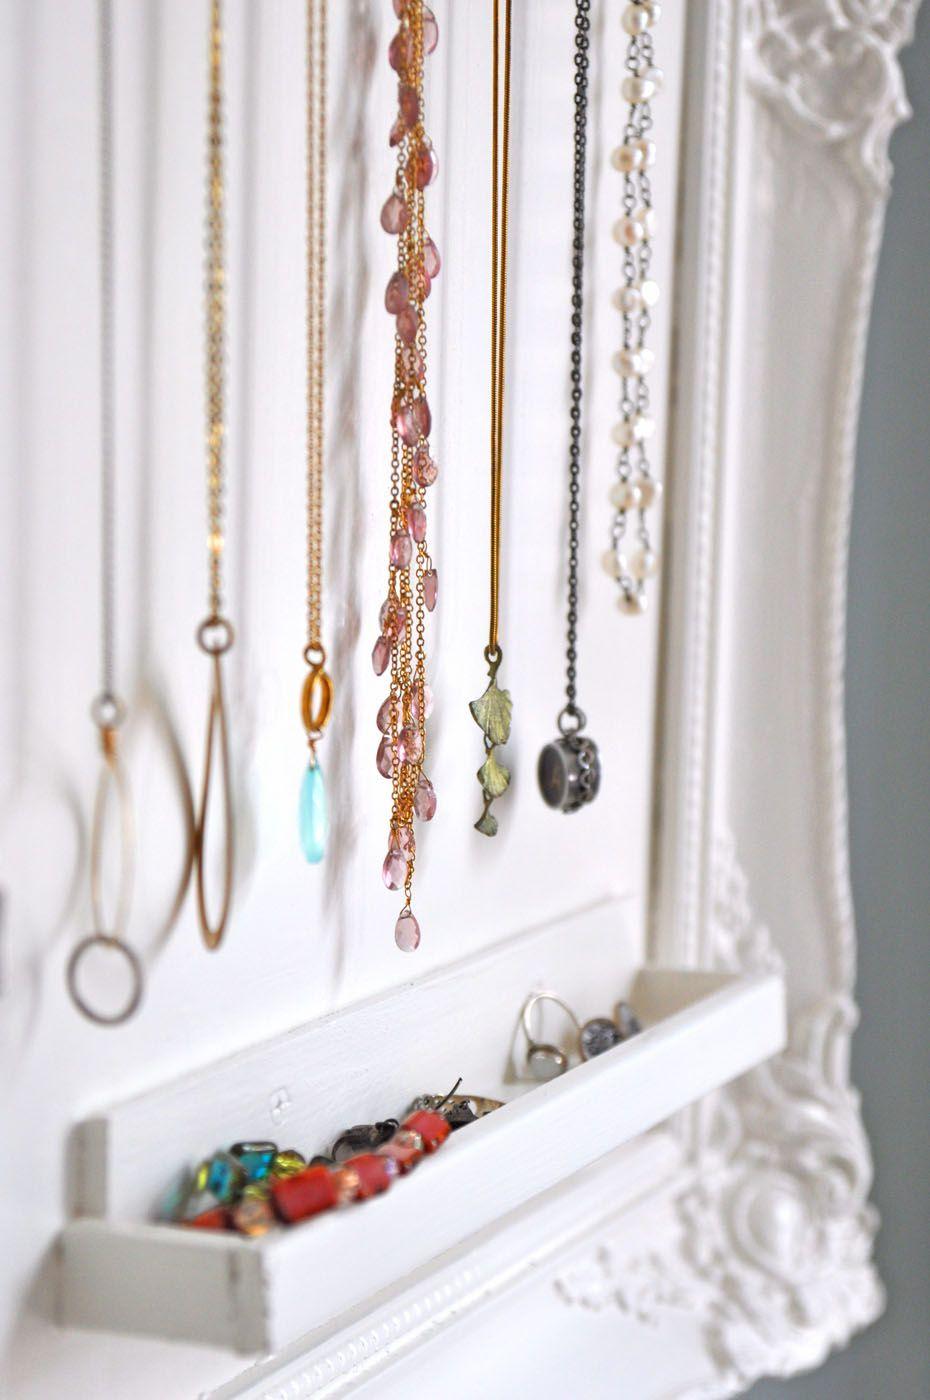 Do it yourself jewelry storage jewelry storage storage and do it yourself jewelry storage solutioingenieria Images